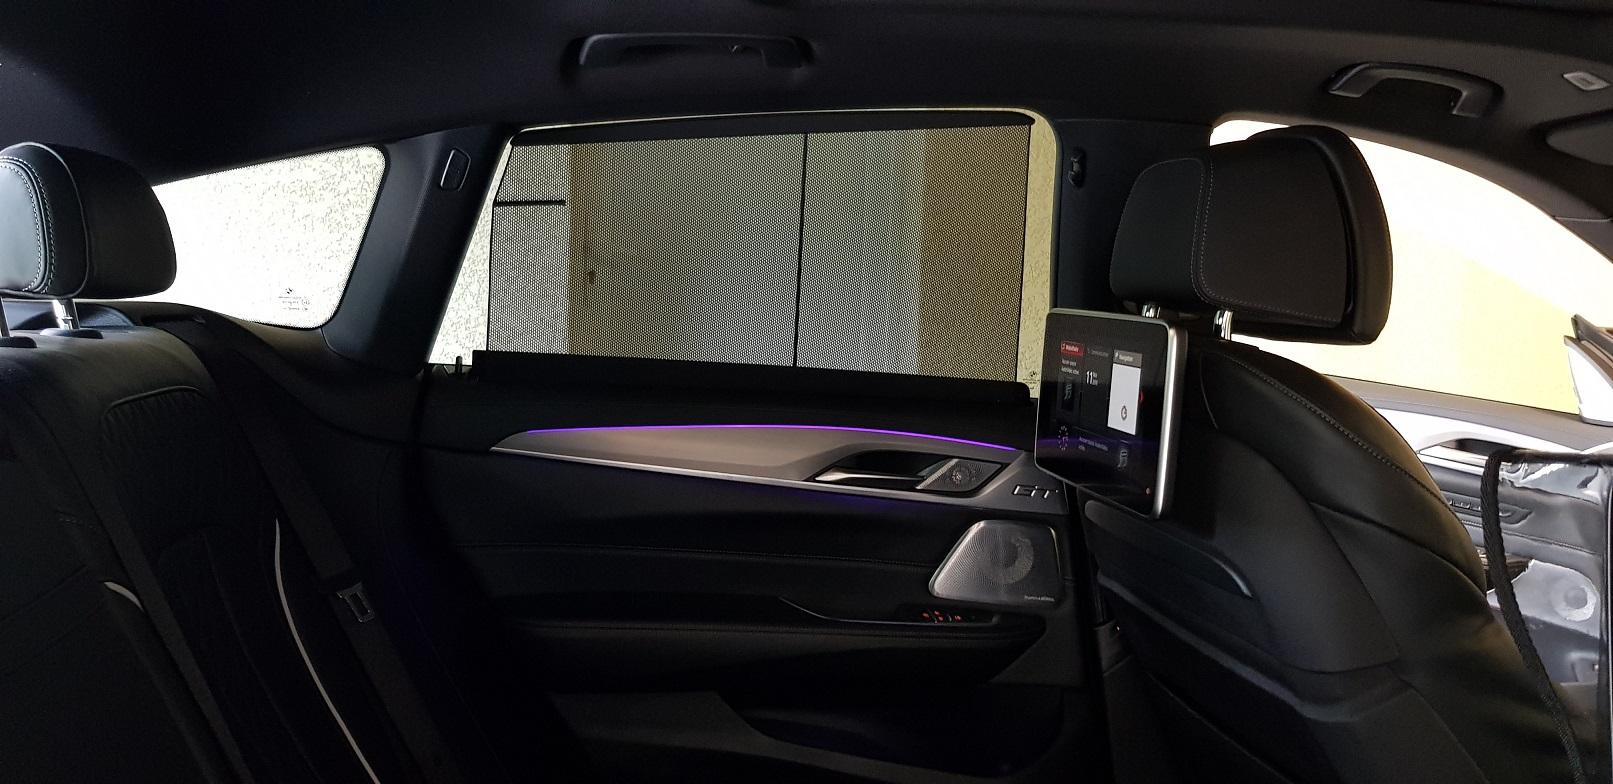 Places arrières BMW série 6 GT, stores et sièges électriques.